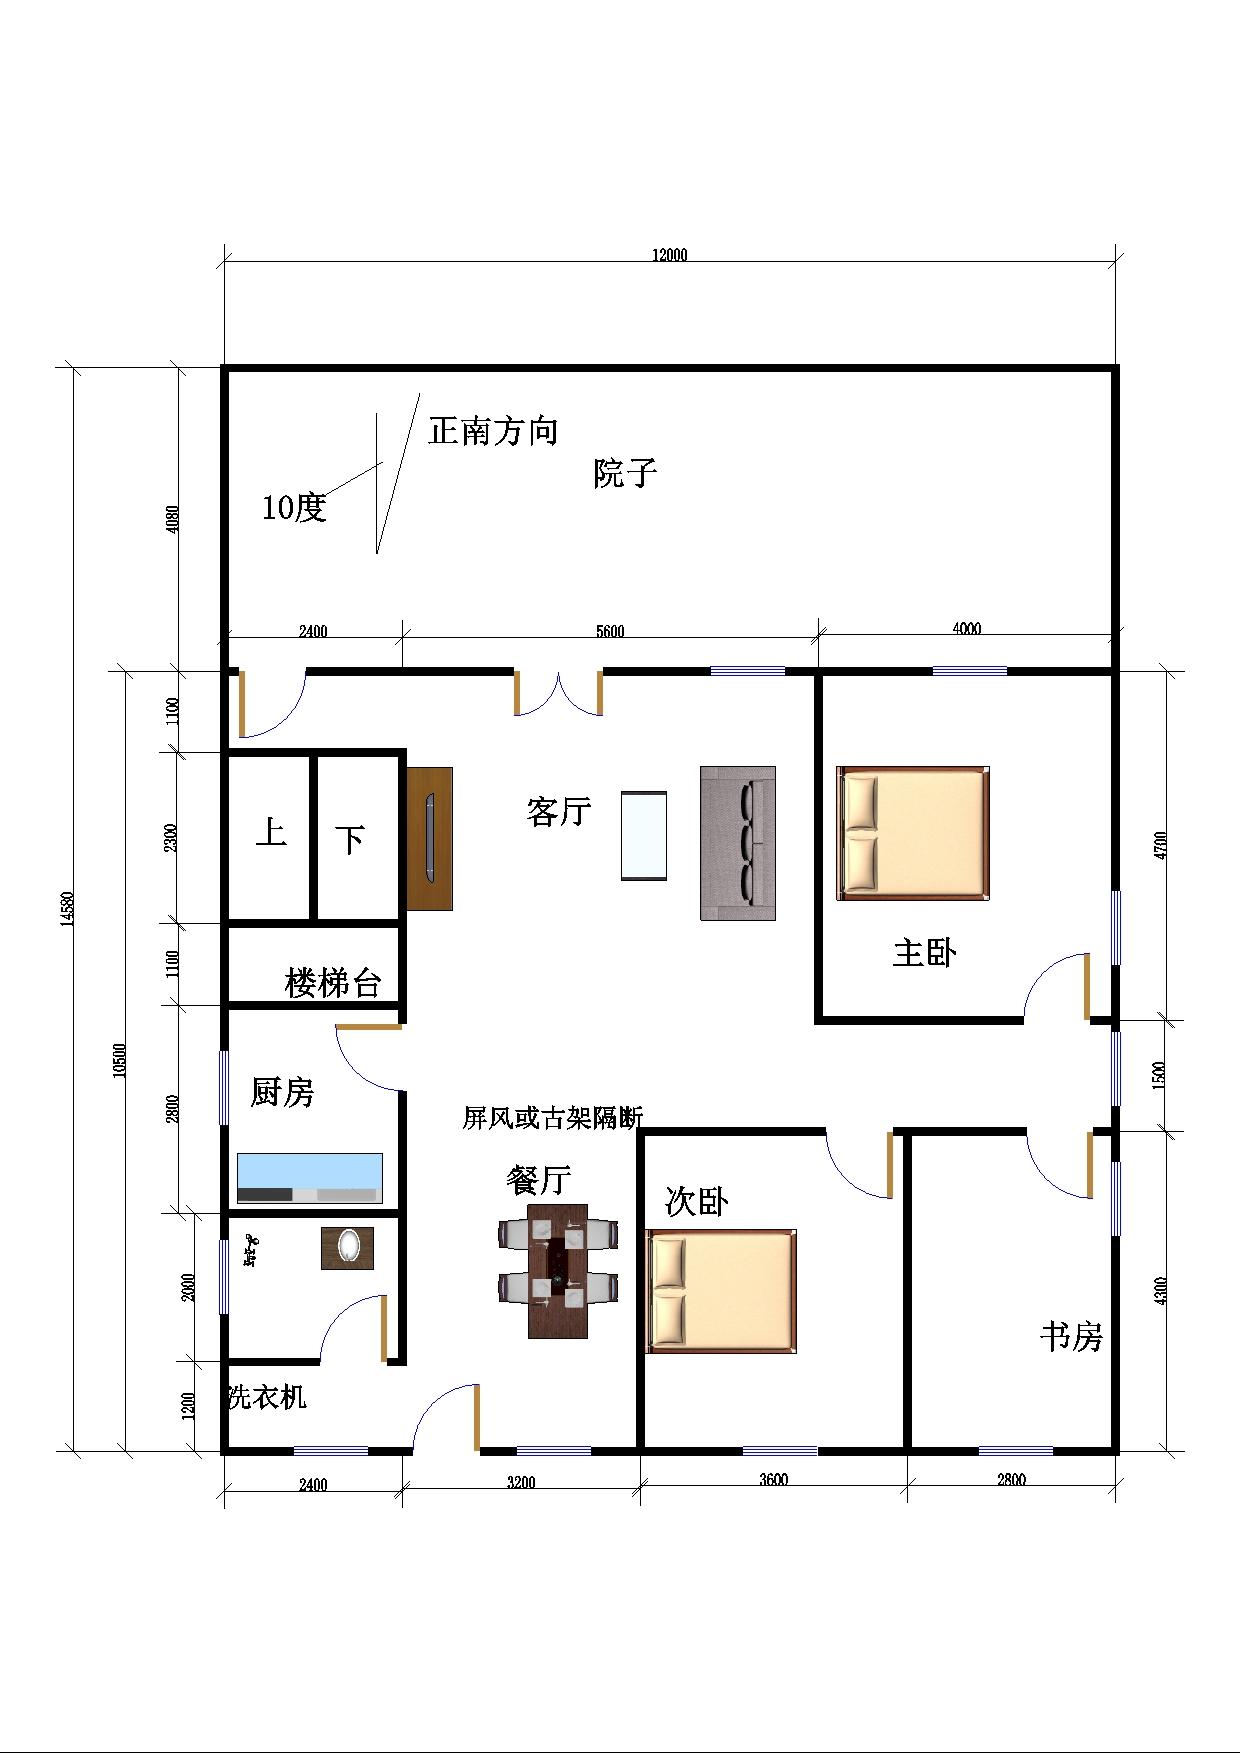 三层别墅全套设计图_别墅设计图纸_农村自建房设计